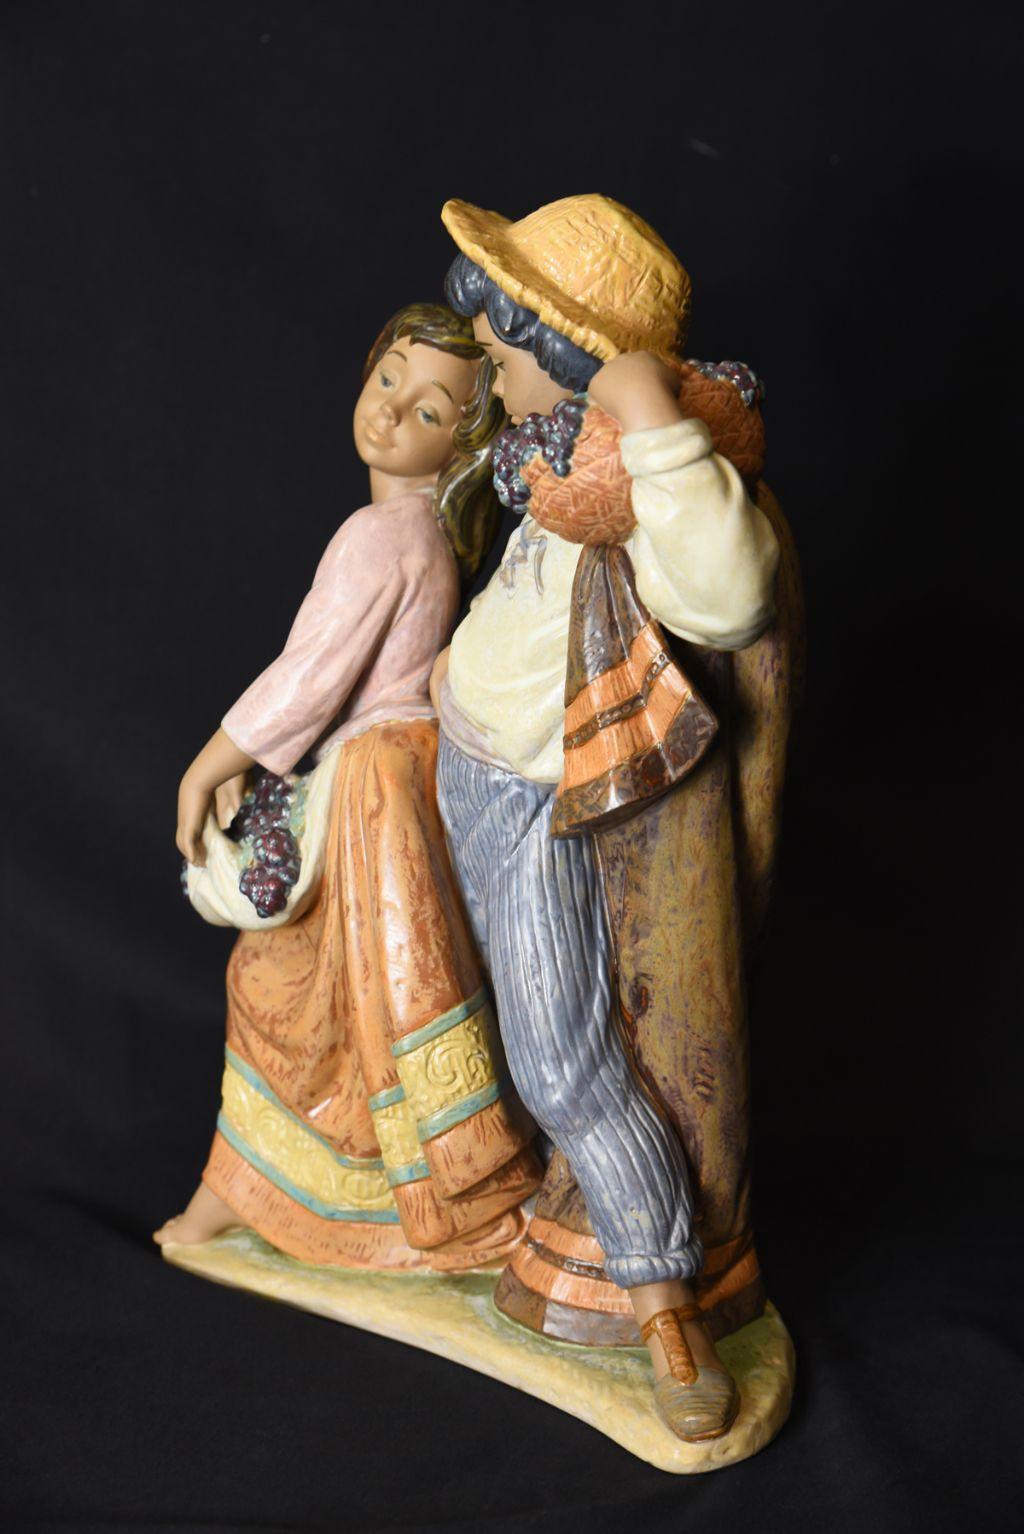 リヤドロ LLADORO 陶器人形